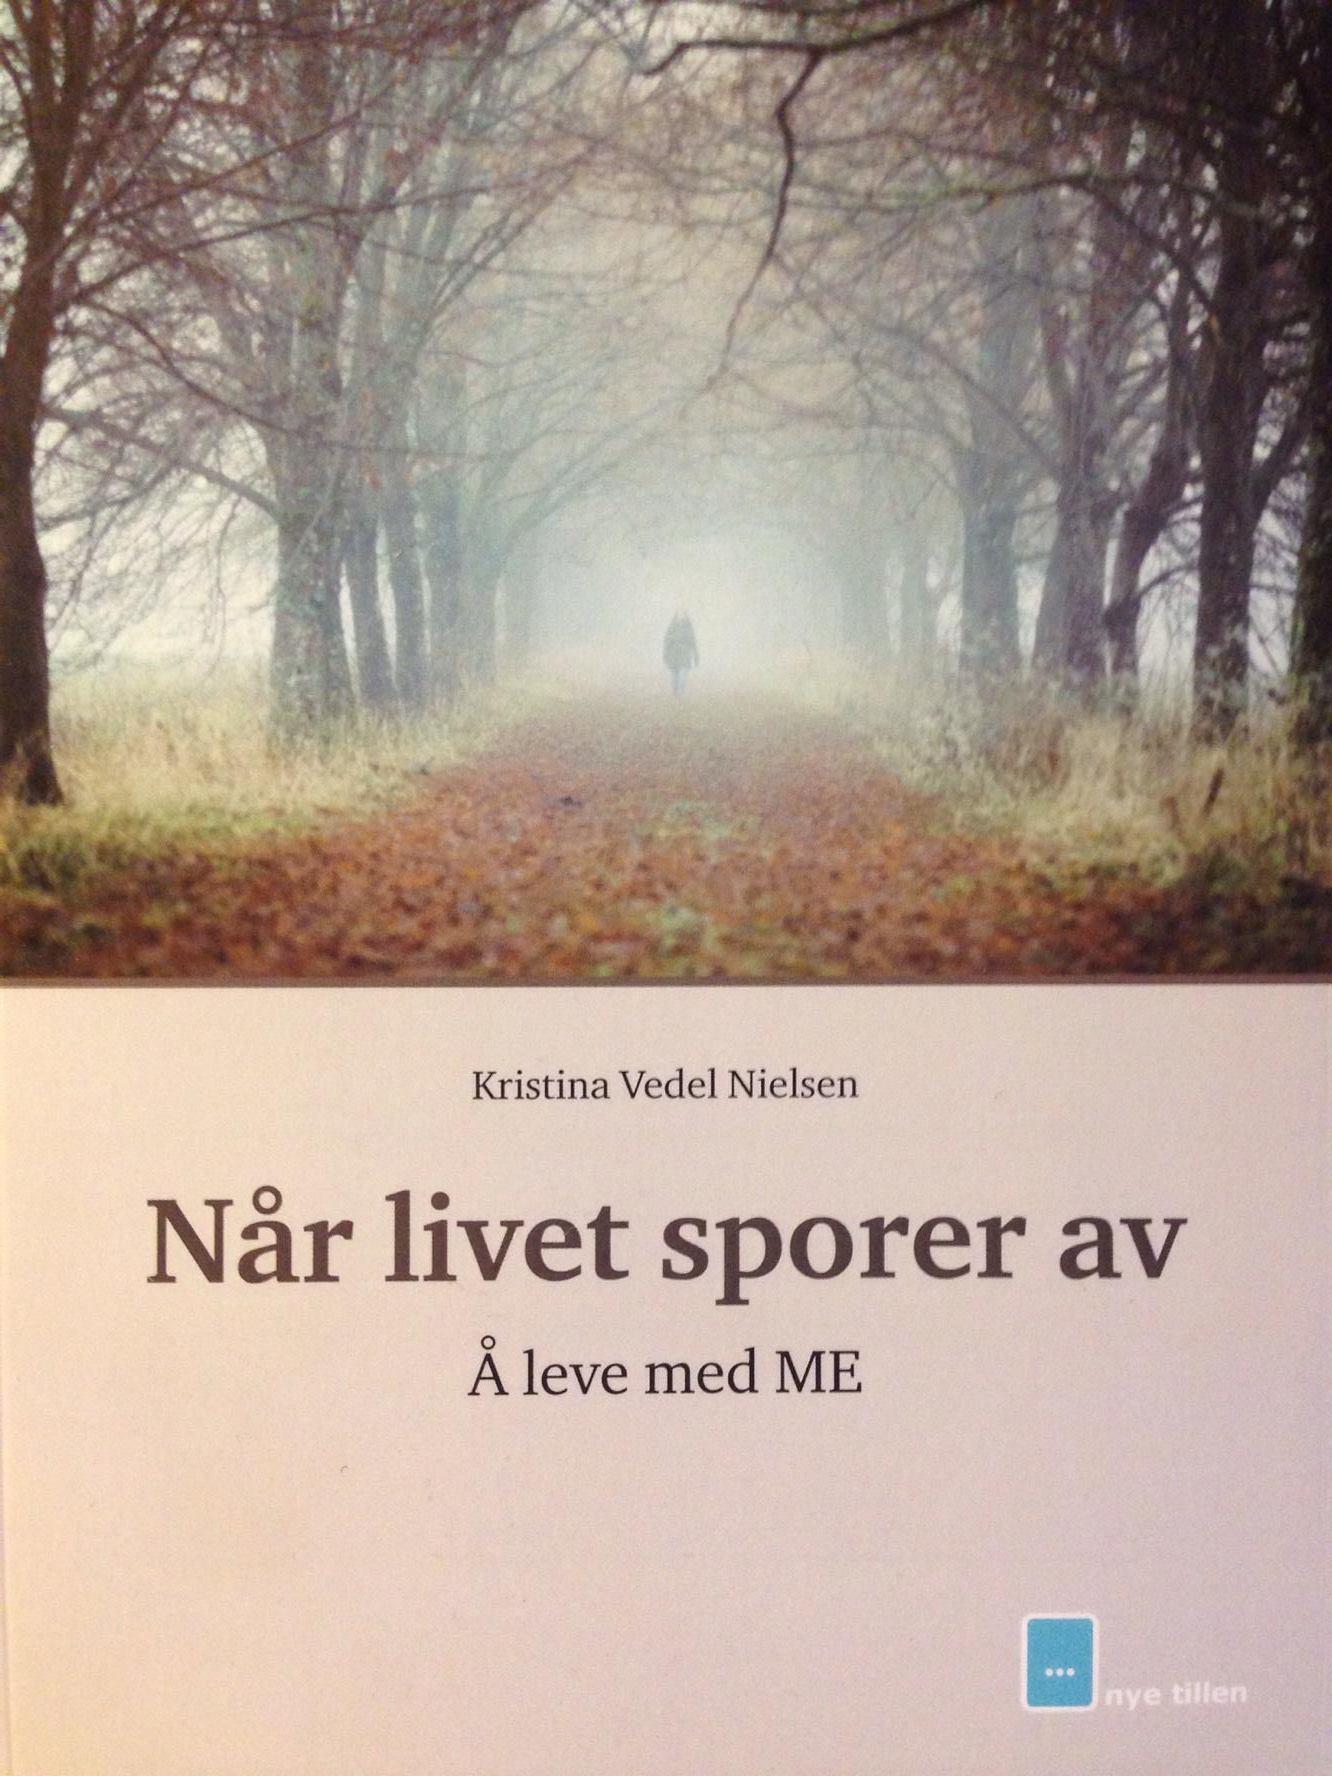 """Bilde av forsiden til """"Når livet sporer av - Å leve med ME"""" av Kristina Vedel Nielsen"""